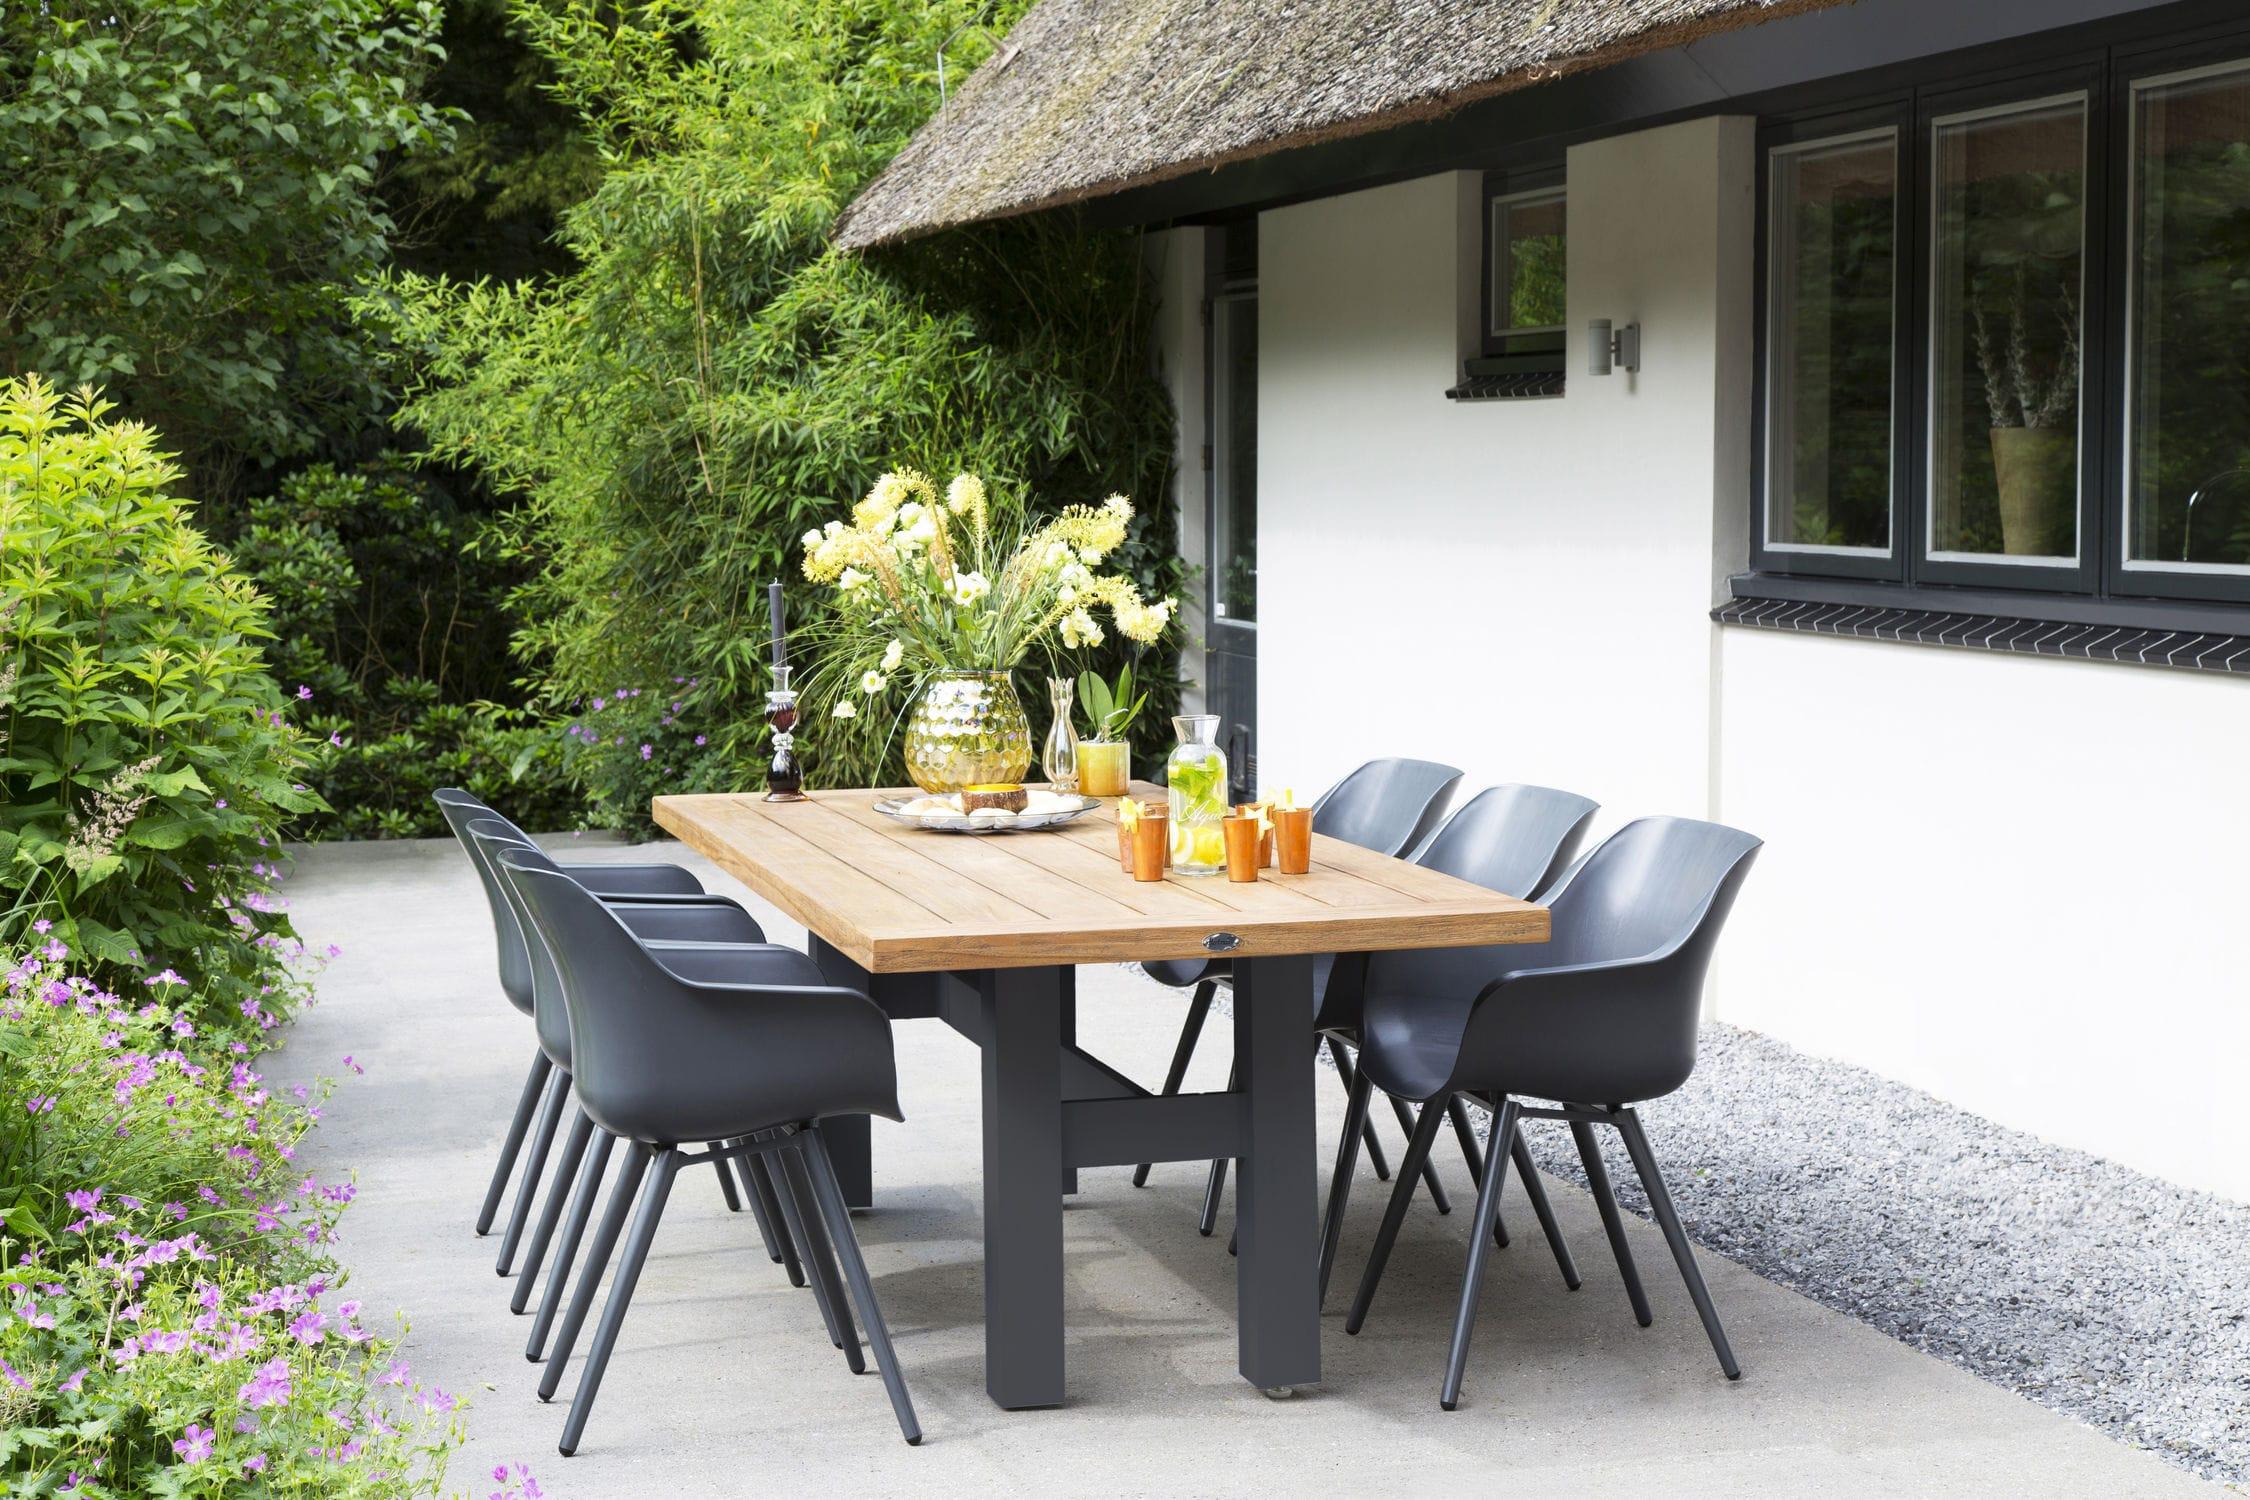 Tavoli E Sedie Da Giardino Resina.Set Tavolo E Sedia Moderno In Alluminio In Resina Da